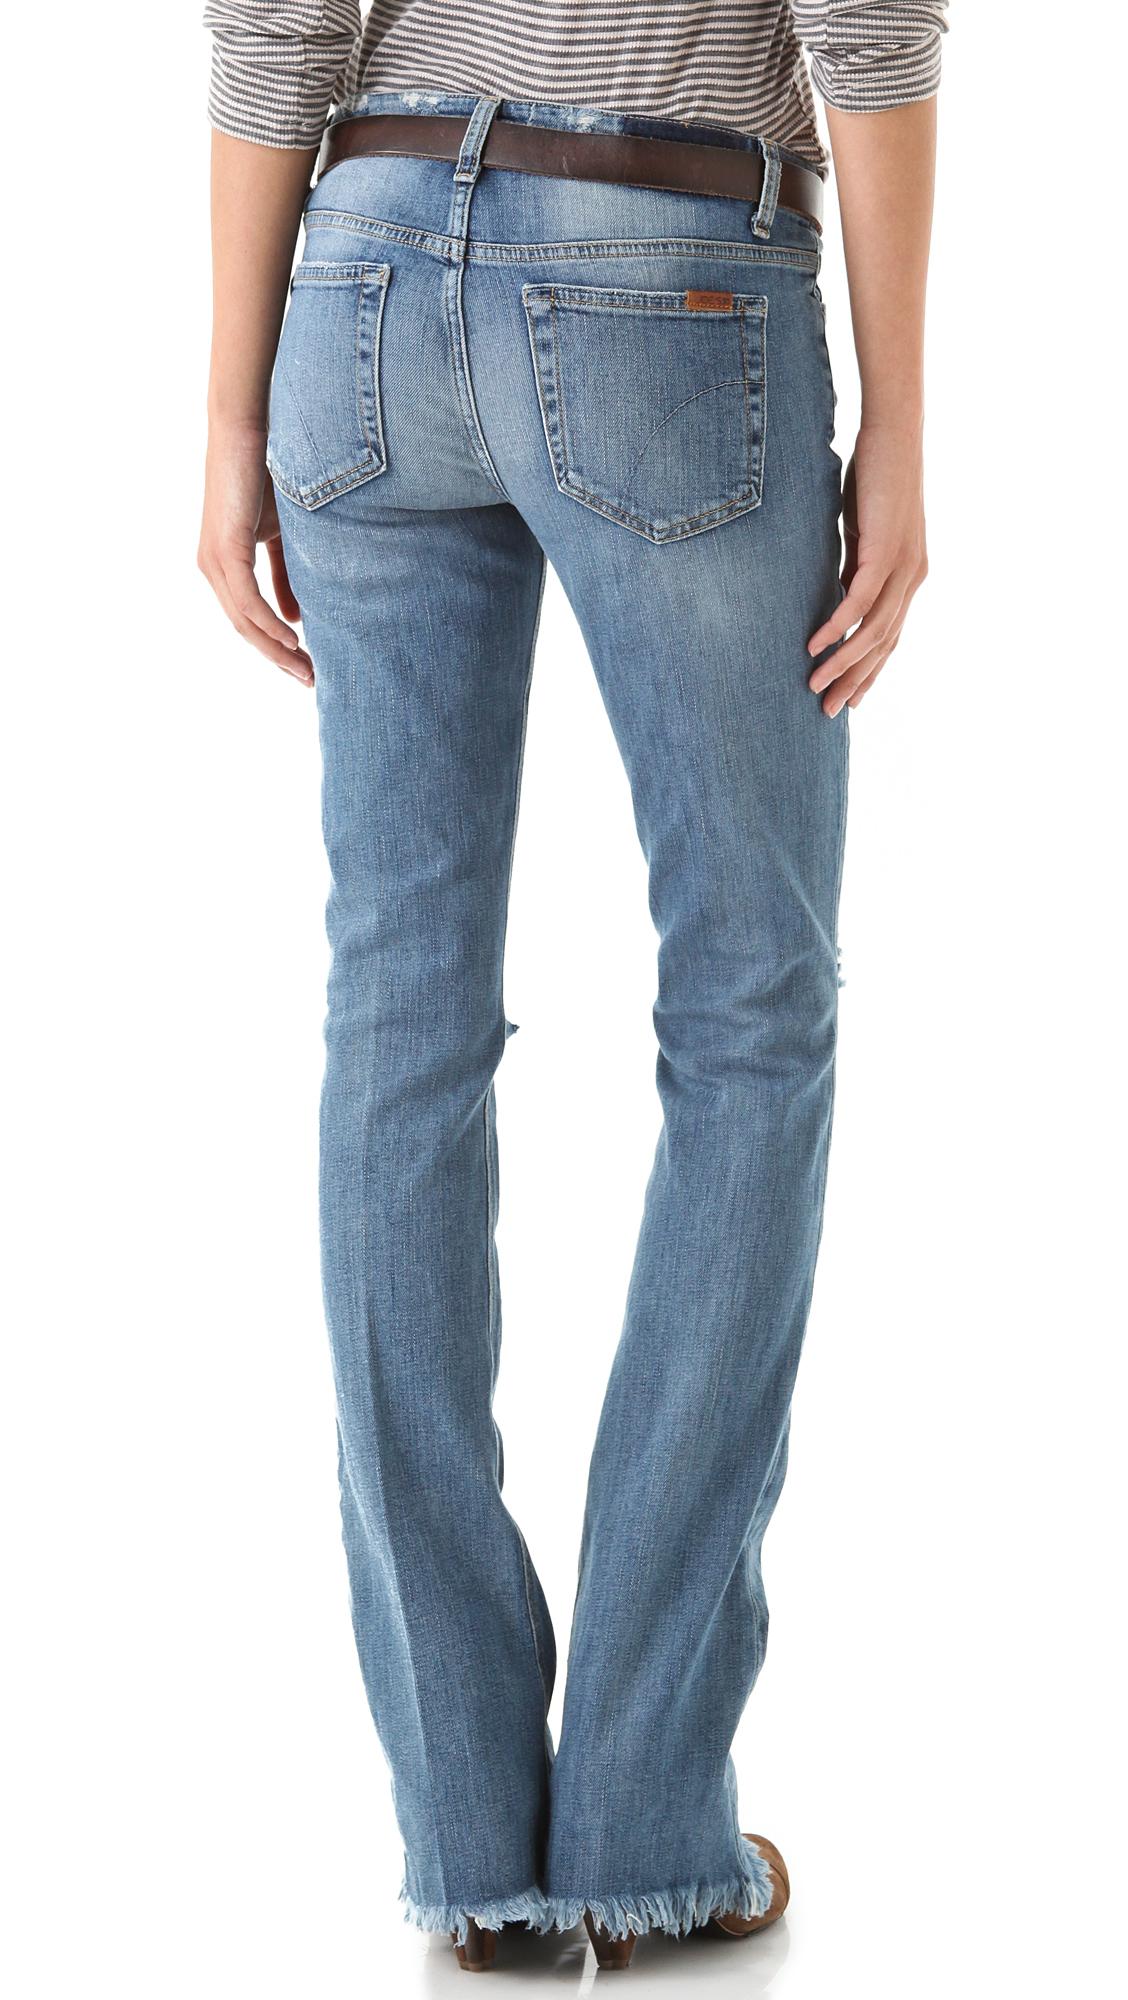 Joe's Jeans The Skinny Micro Flare Jeans in Blue (Deedi ...